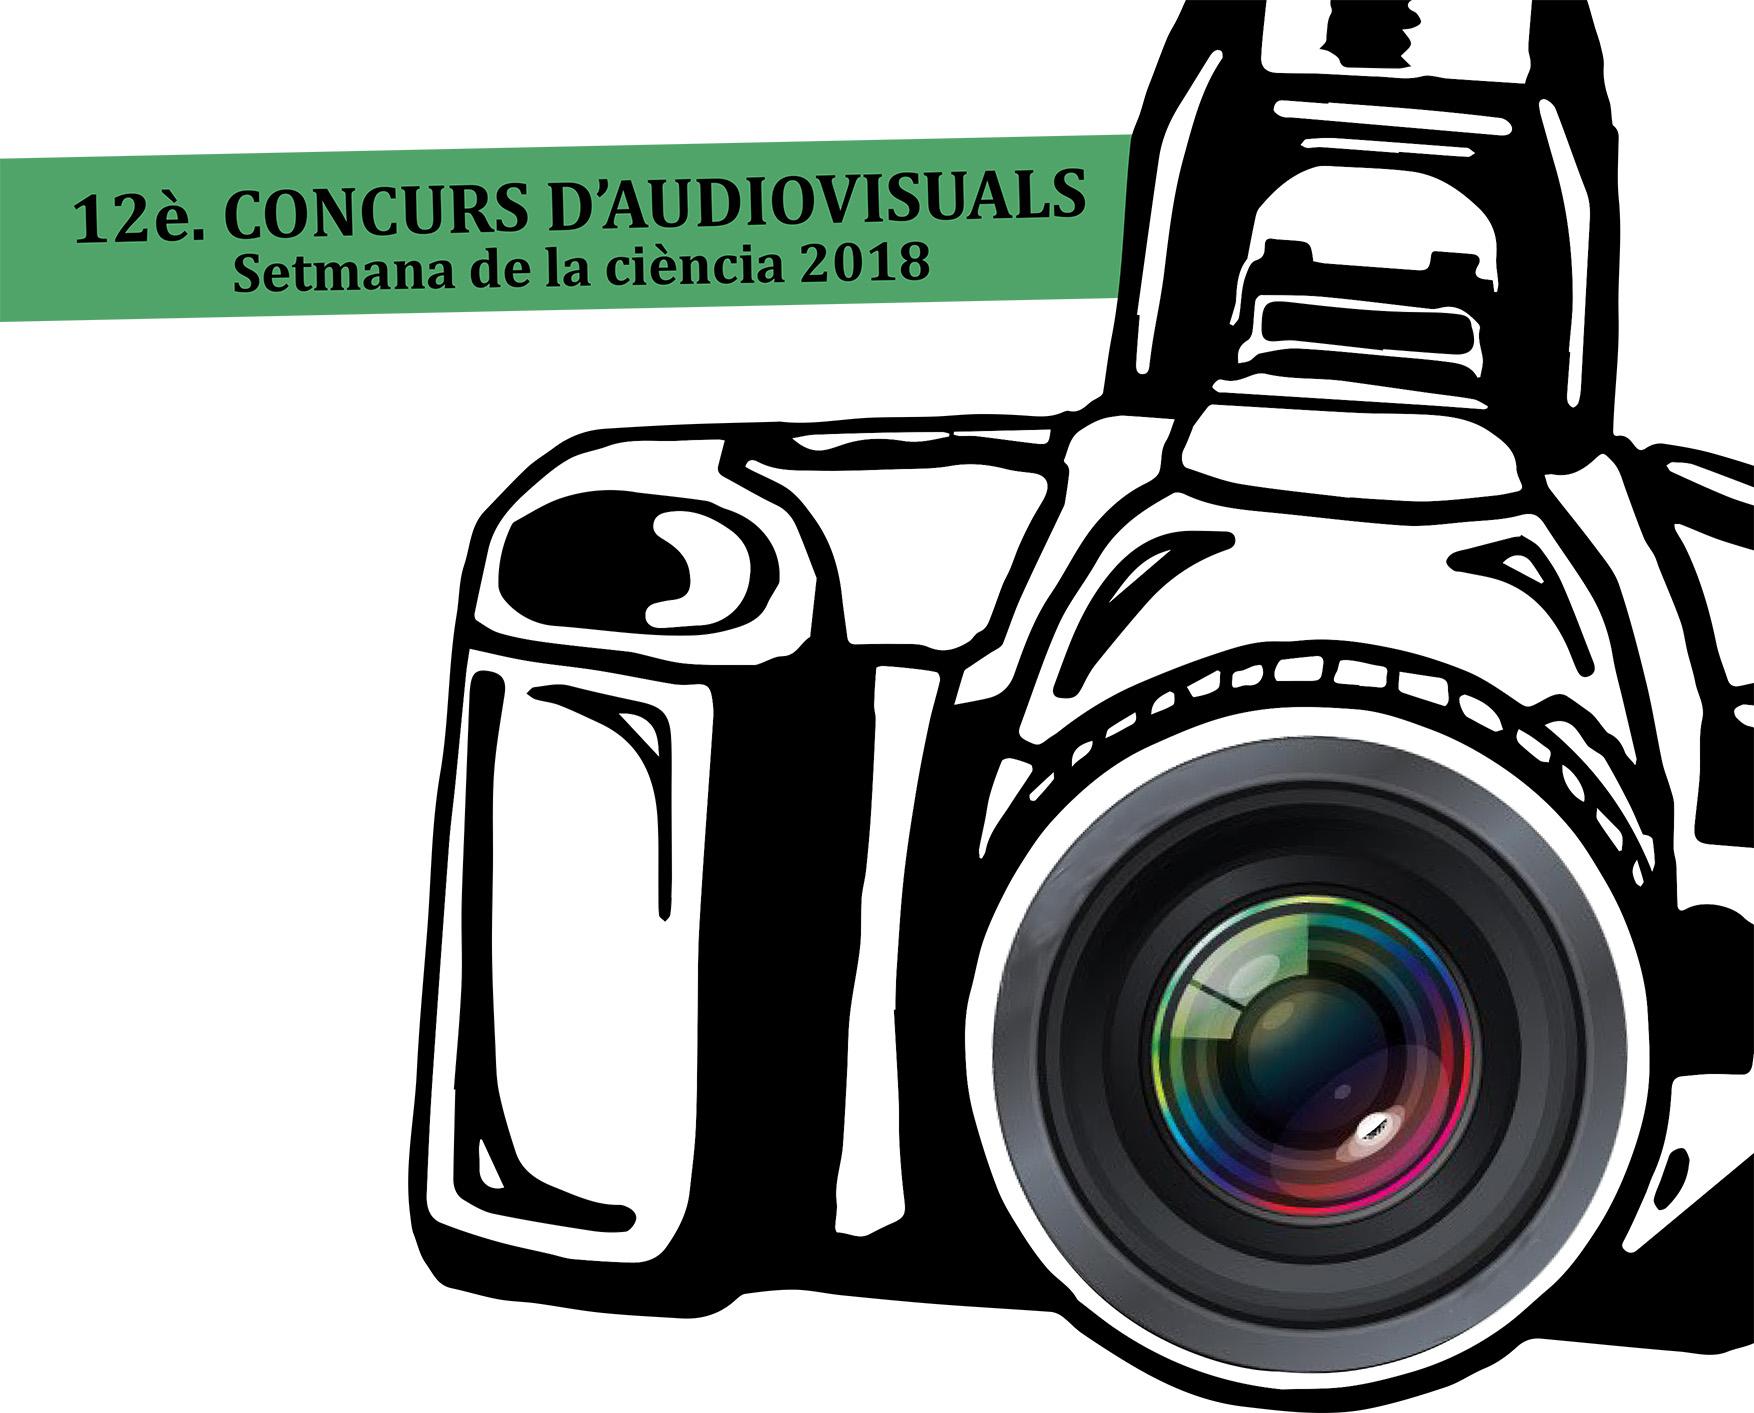 12è. Concurs d'audiovisuals